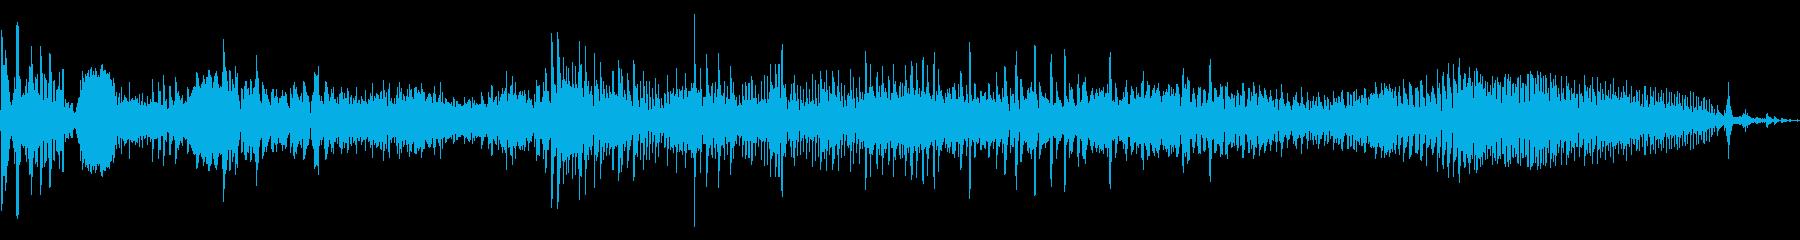 くっそーの再生済みの波形